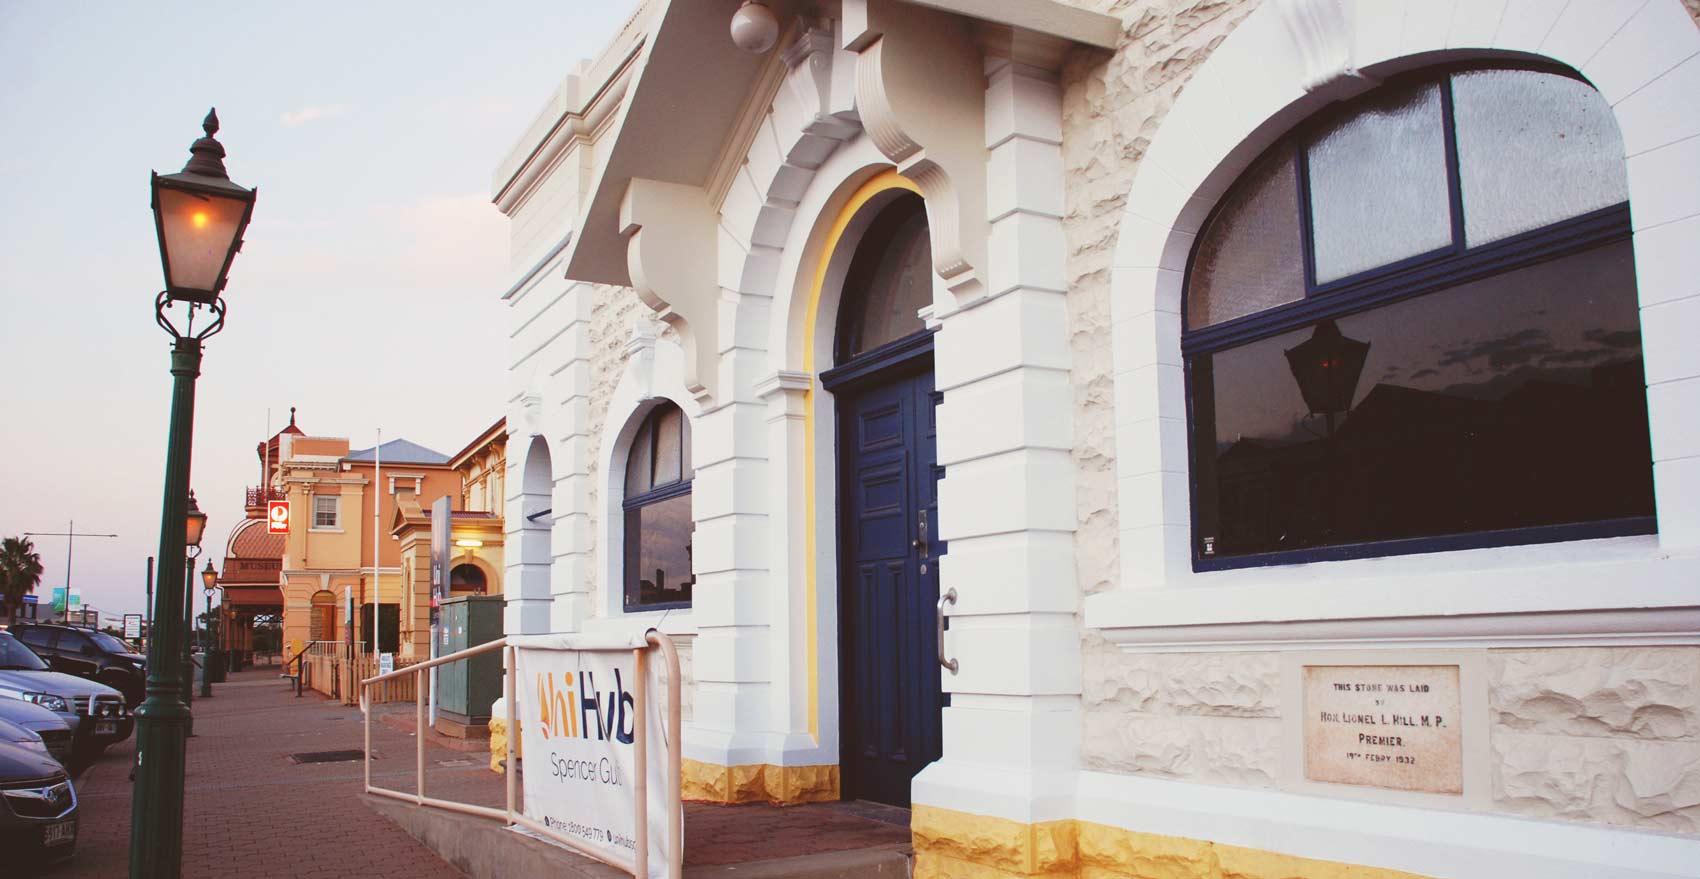 unihub-building-facade